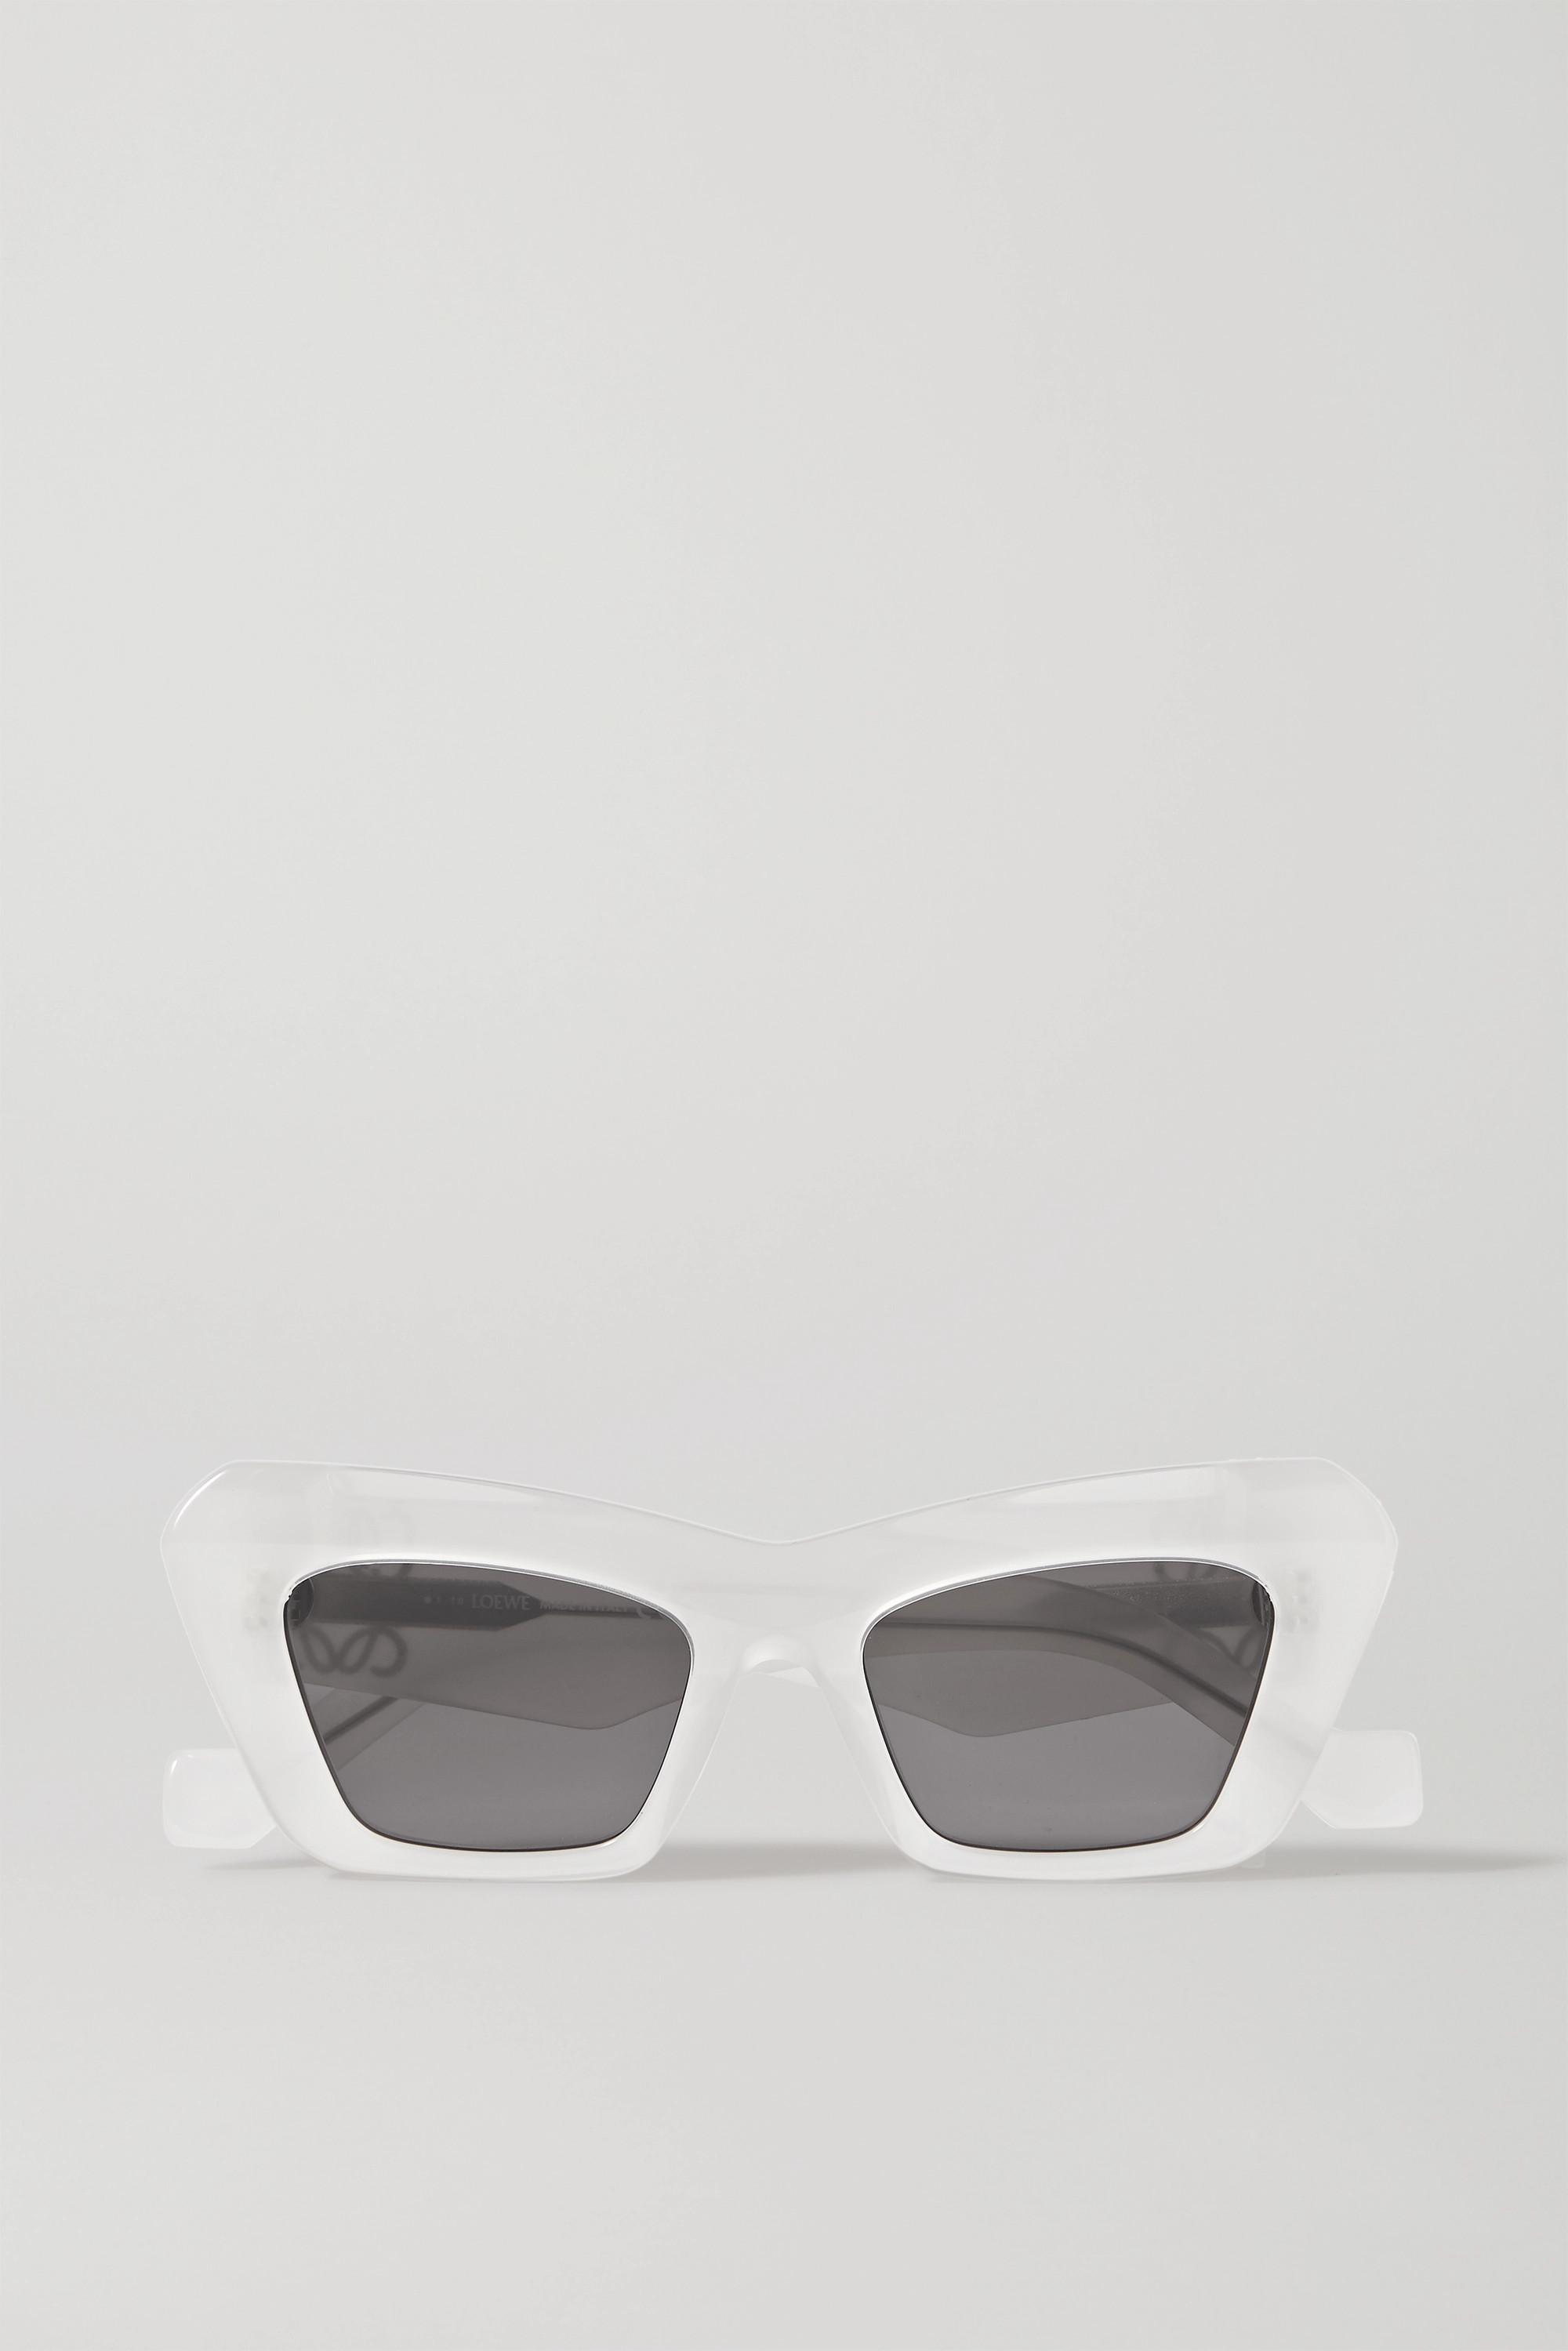 Loewe Lunettes de soleil œil-de-chat oversize en acétate